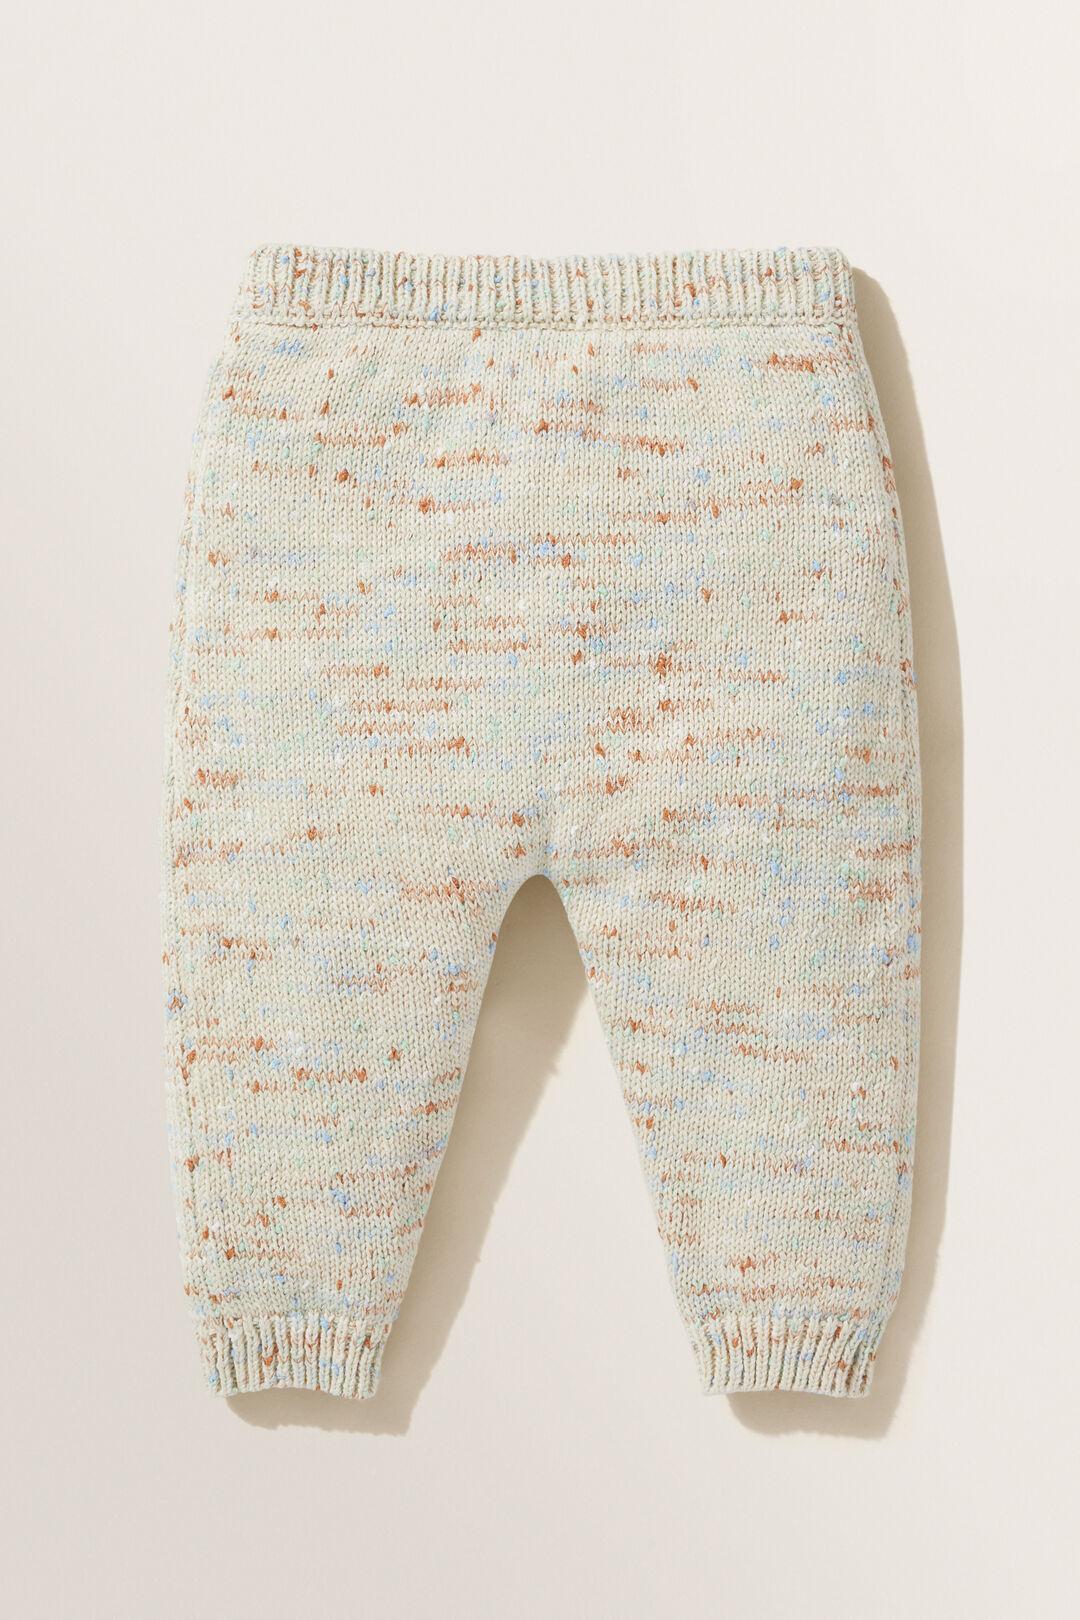 Speckle Knit Pants  MULTI  hi-res